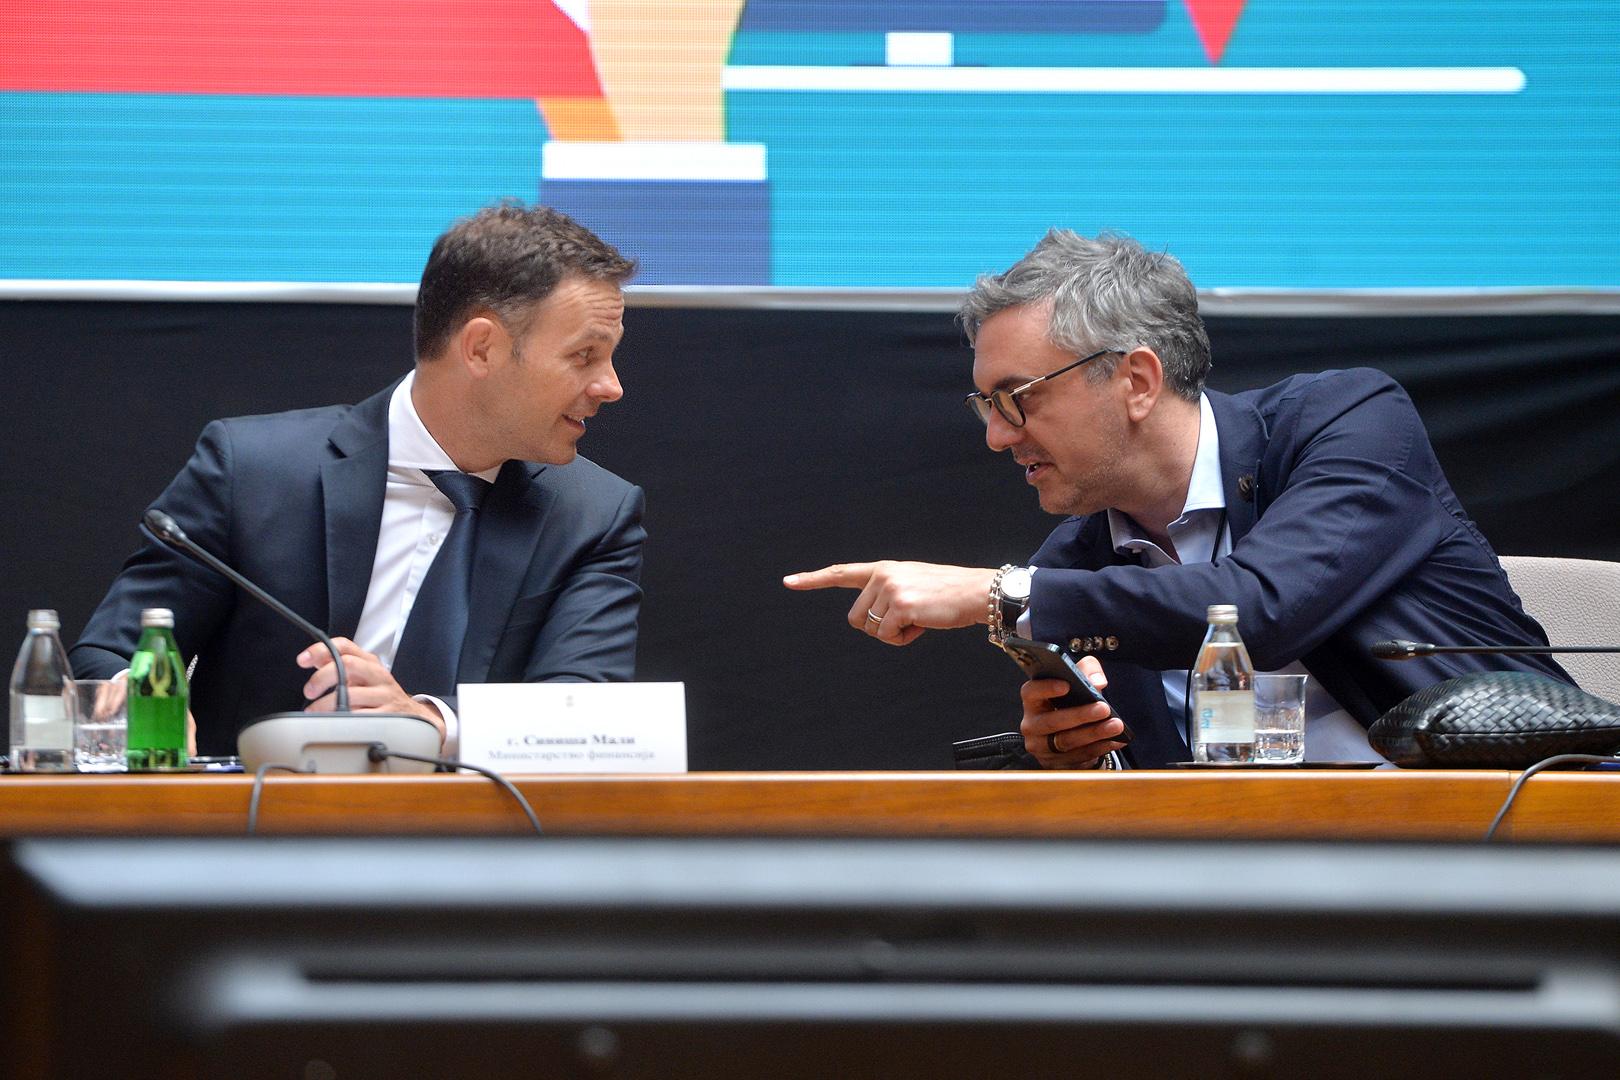 Ministar finansija Sinisa Mali obratio se na konferenciji za novinare posvecenoj novom modelu fiskalizacije u Srbiji. Demonstracija rada novog uredjaja za izdavanje fiskalnih racuna